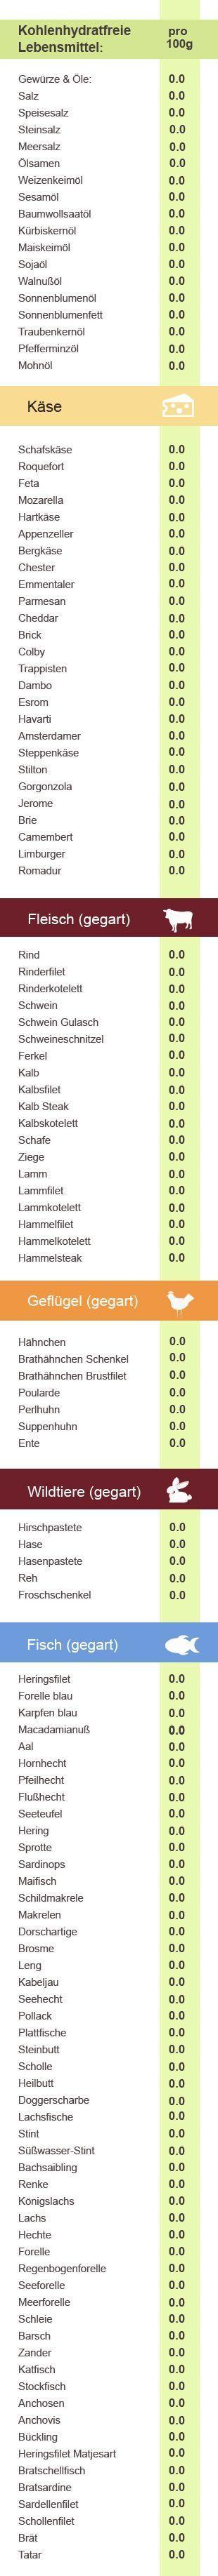 Lebensmittel Ohne Zusatzstoffe Liste